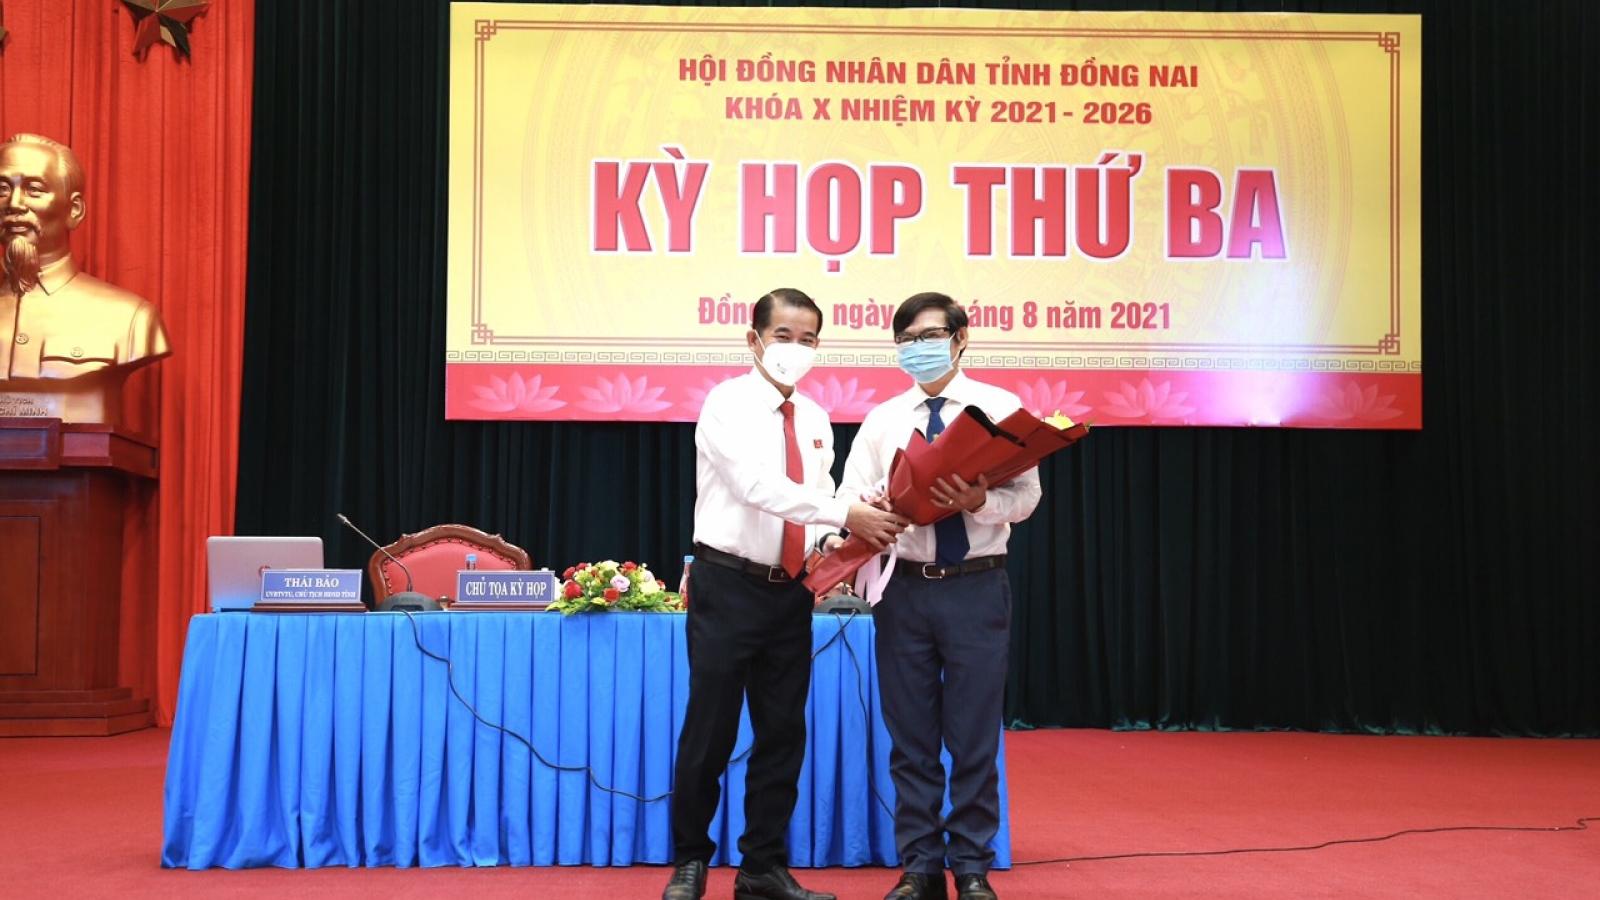 Ông Nguyễn Sơn Hùng được bầu bổ sung làm Phó Chủ tịch UBND tỉnh Đồng Nai